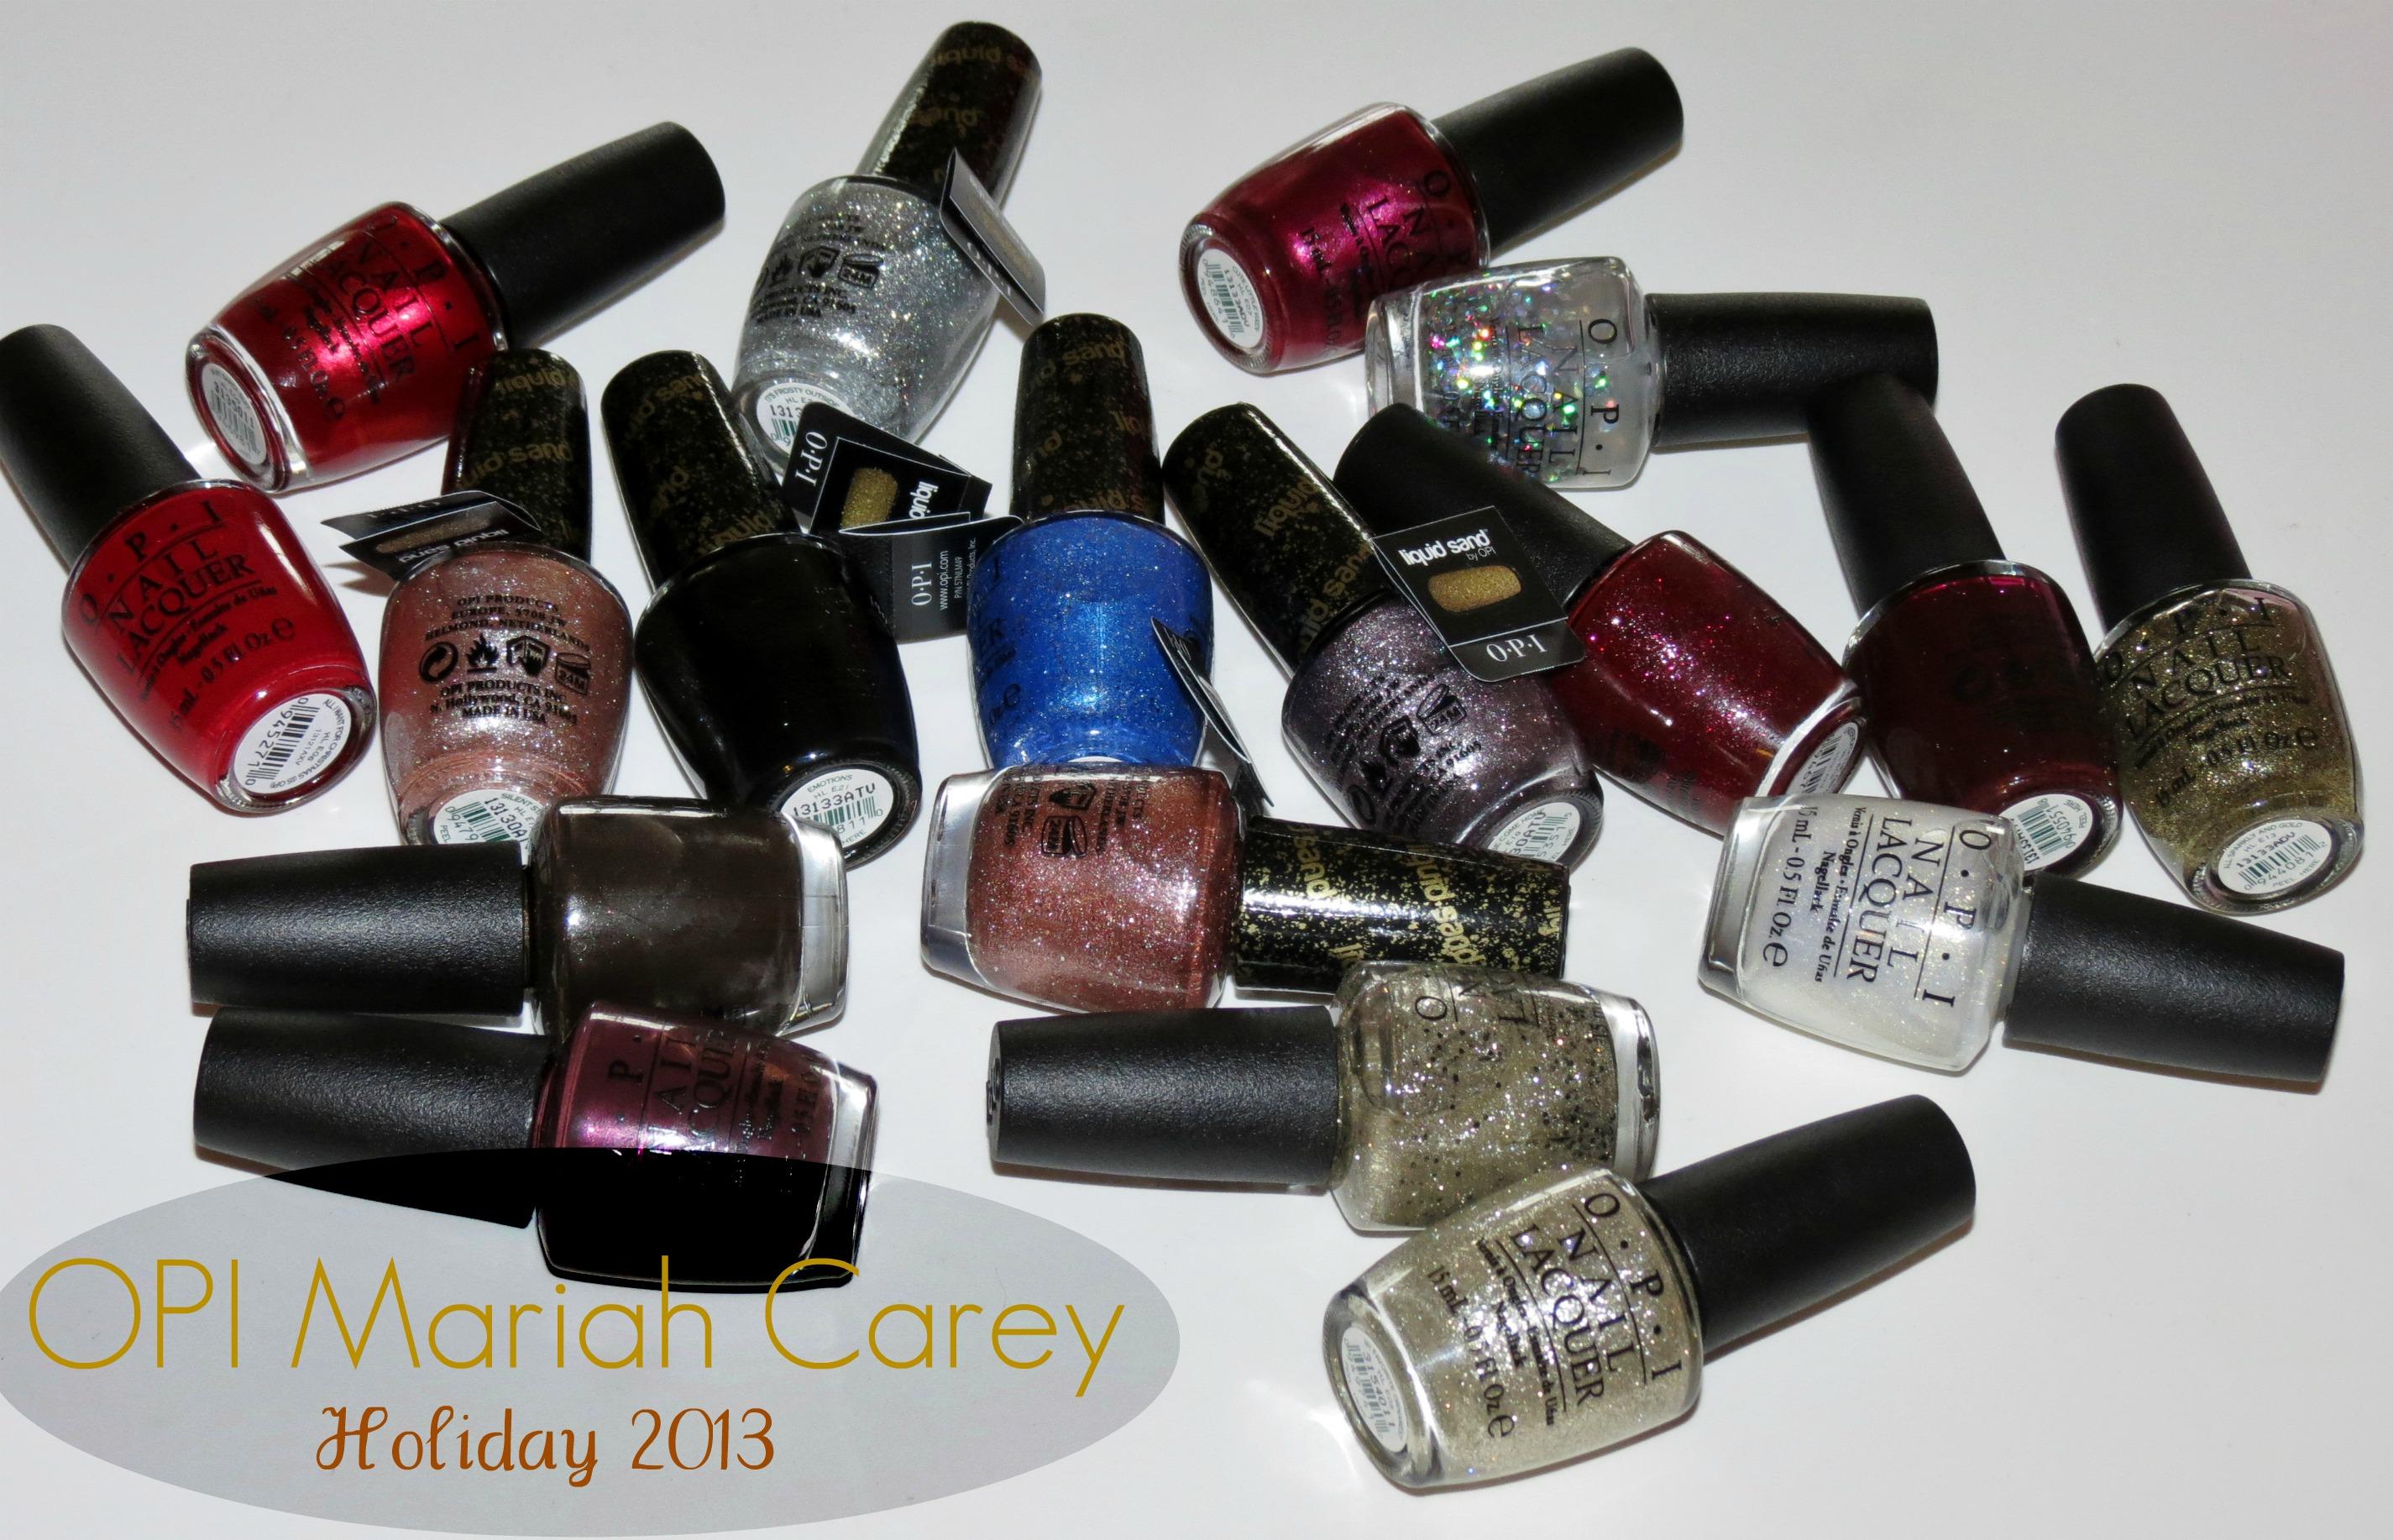 OPI Mariah Carey 2013 Holiday Nail Polish Swatches & Review ...